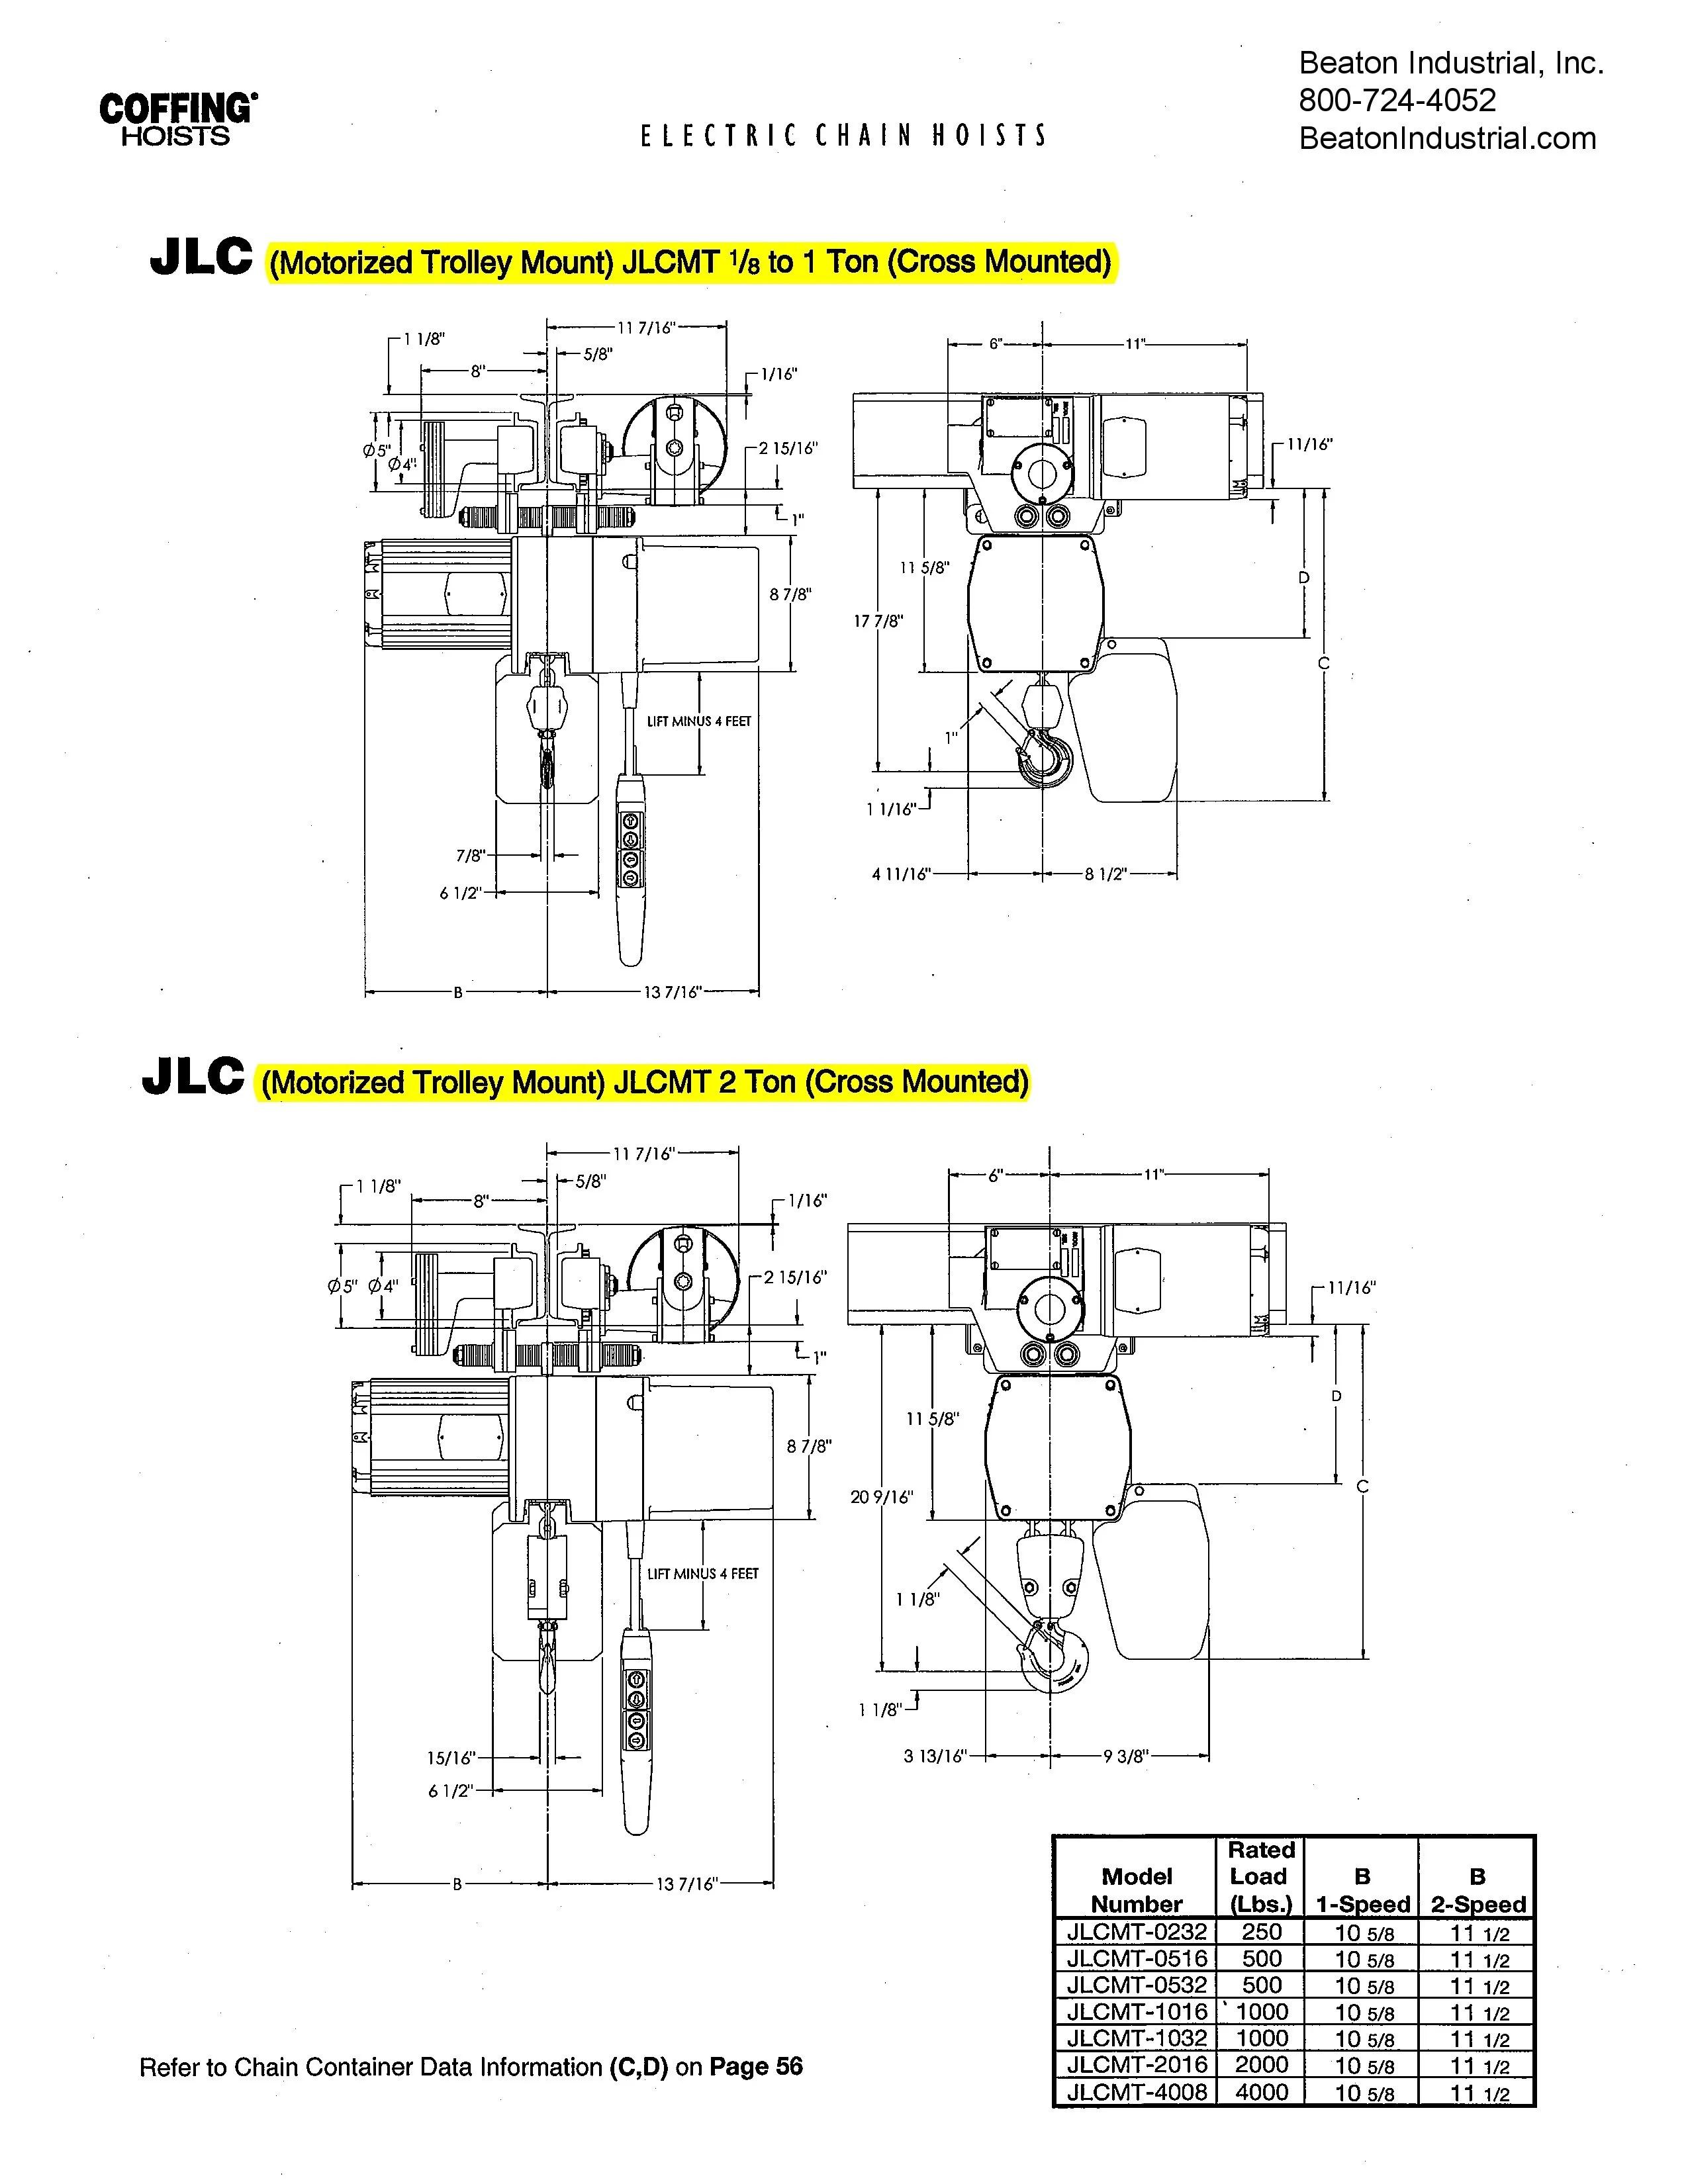 3 4 ton chain hoist diagram wiring diagram basic 3 4 ton chain hoist diagram [ 2550 x 3300 Pixel ]